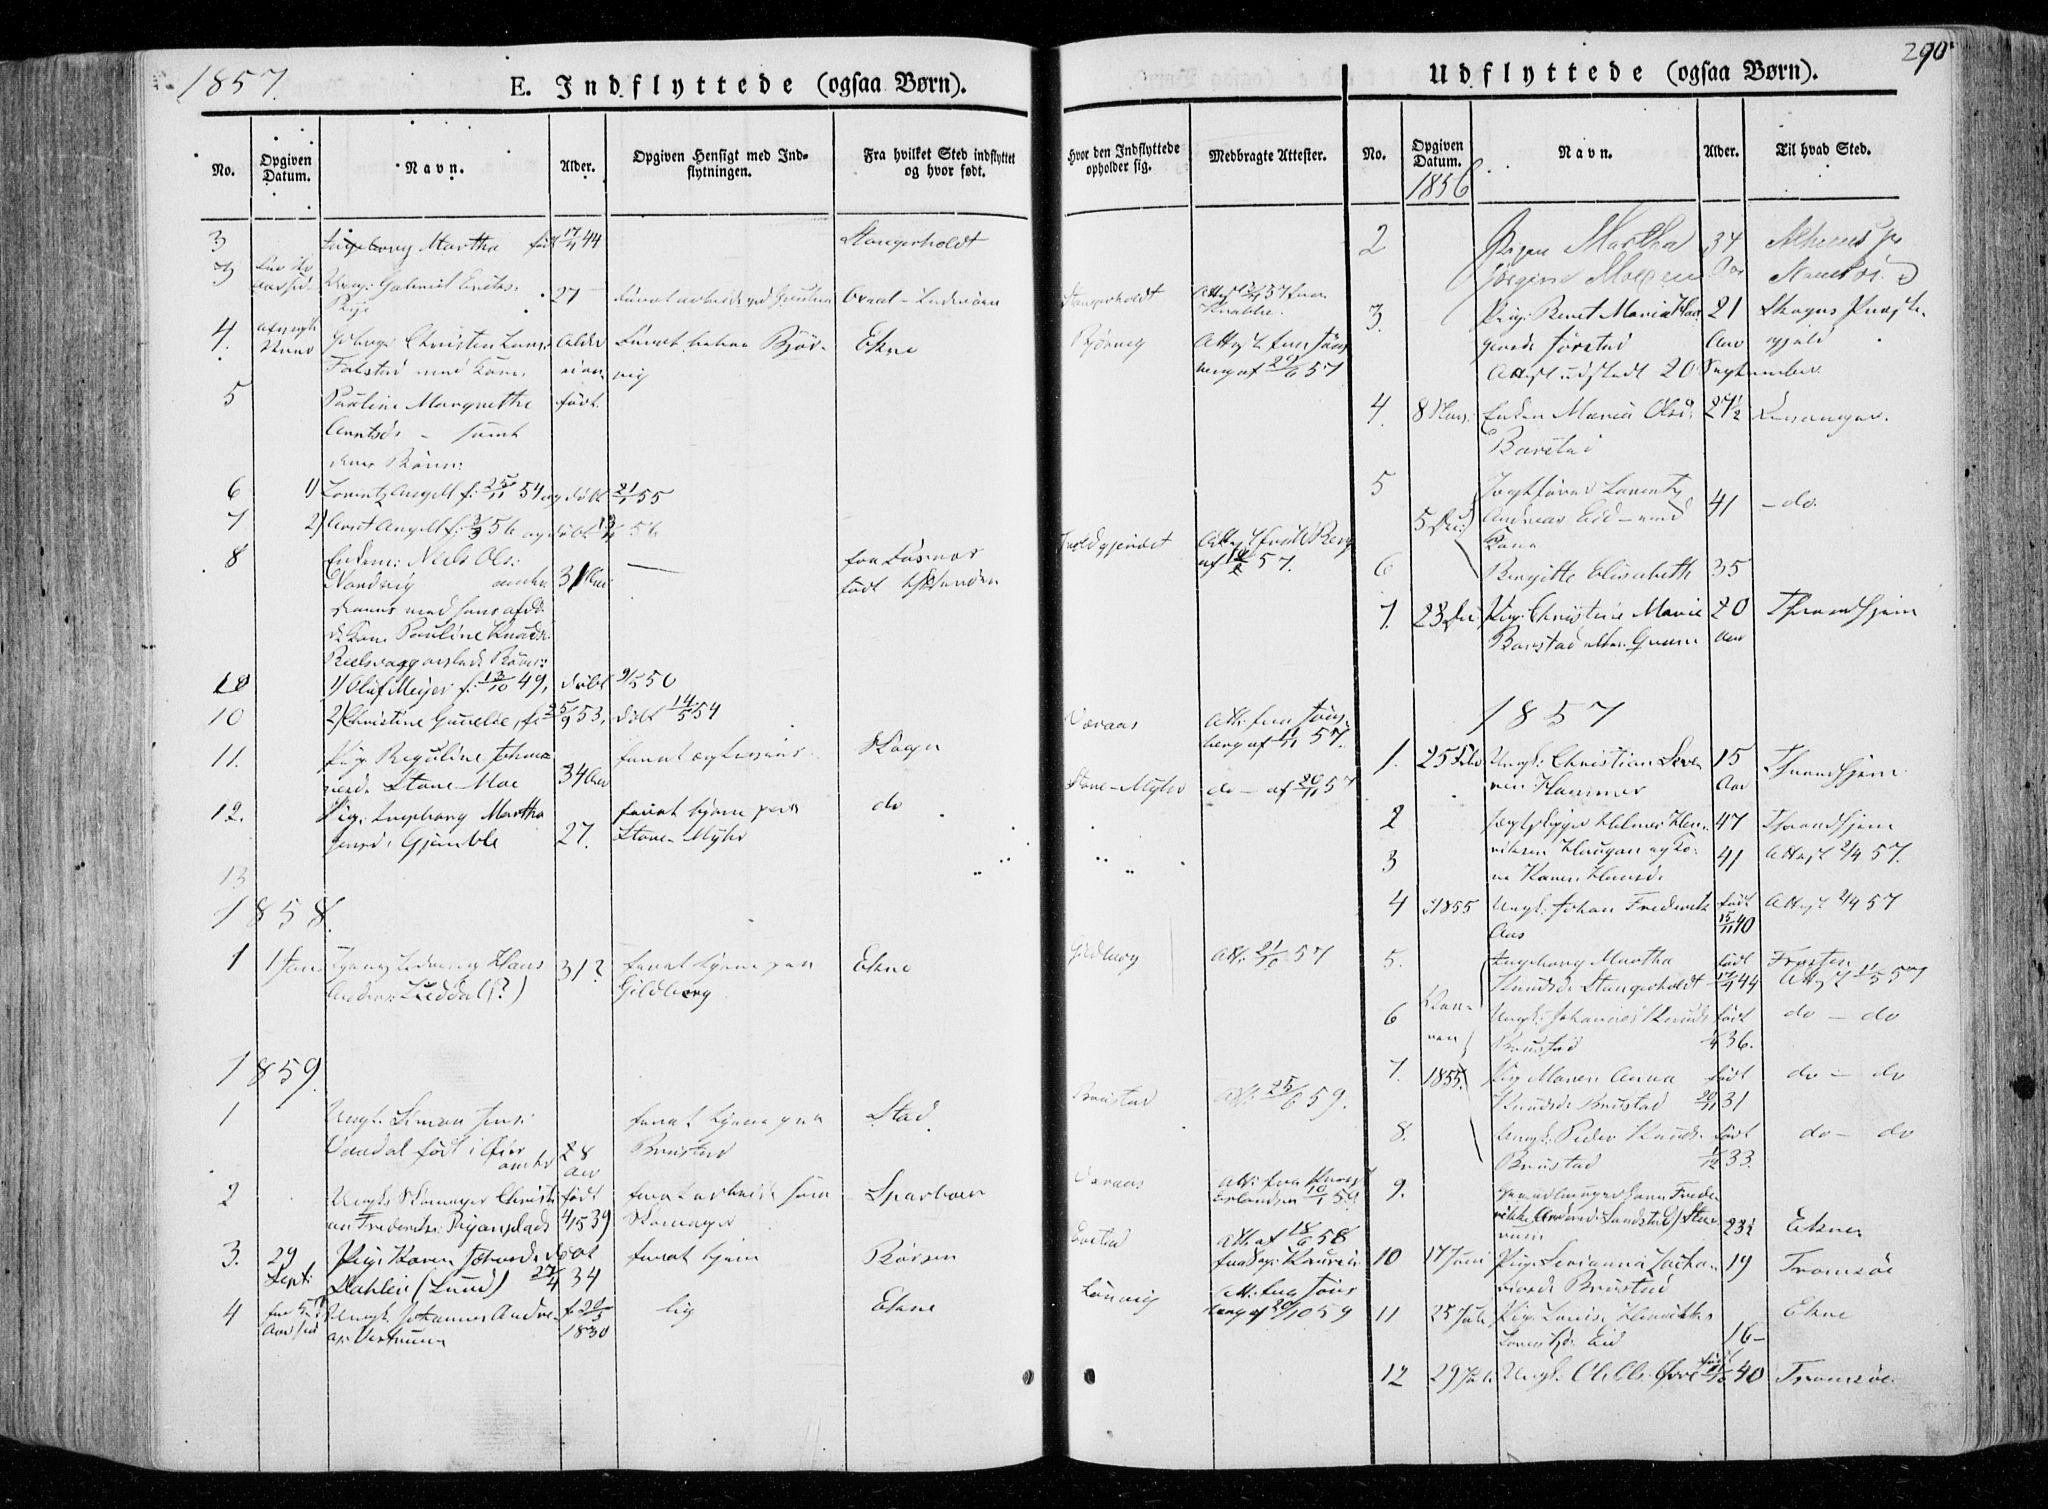 SAT, Ministerialprotokoller, klokkerbøker og fødselsregistre - Nord-Trøndelag, 722/L0218: Ministerialbok nr. 722A05, 1843-1868, s. 290